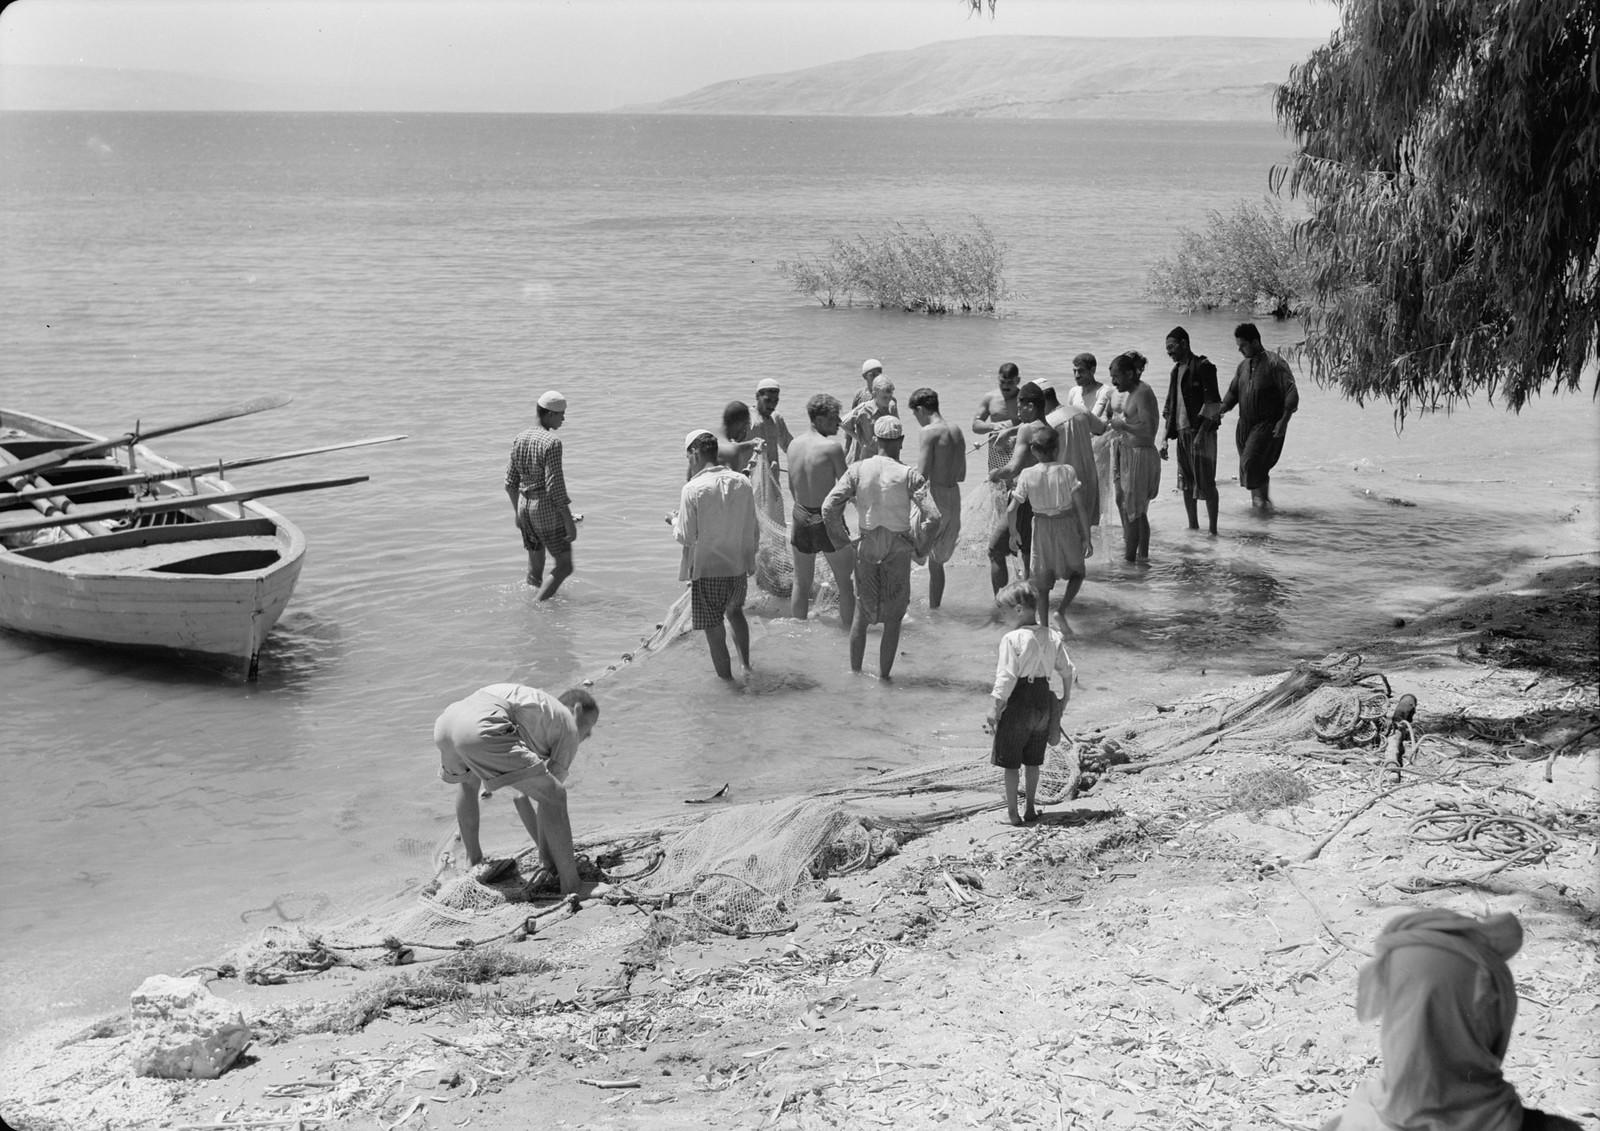 09. Рыбаки на берегу вытягивают сети